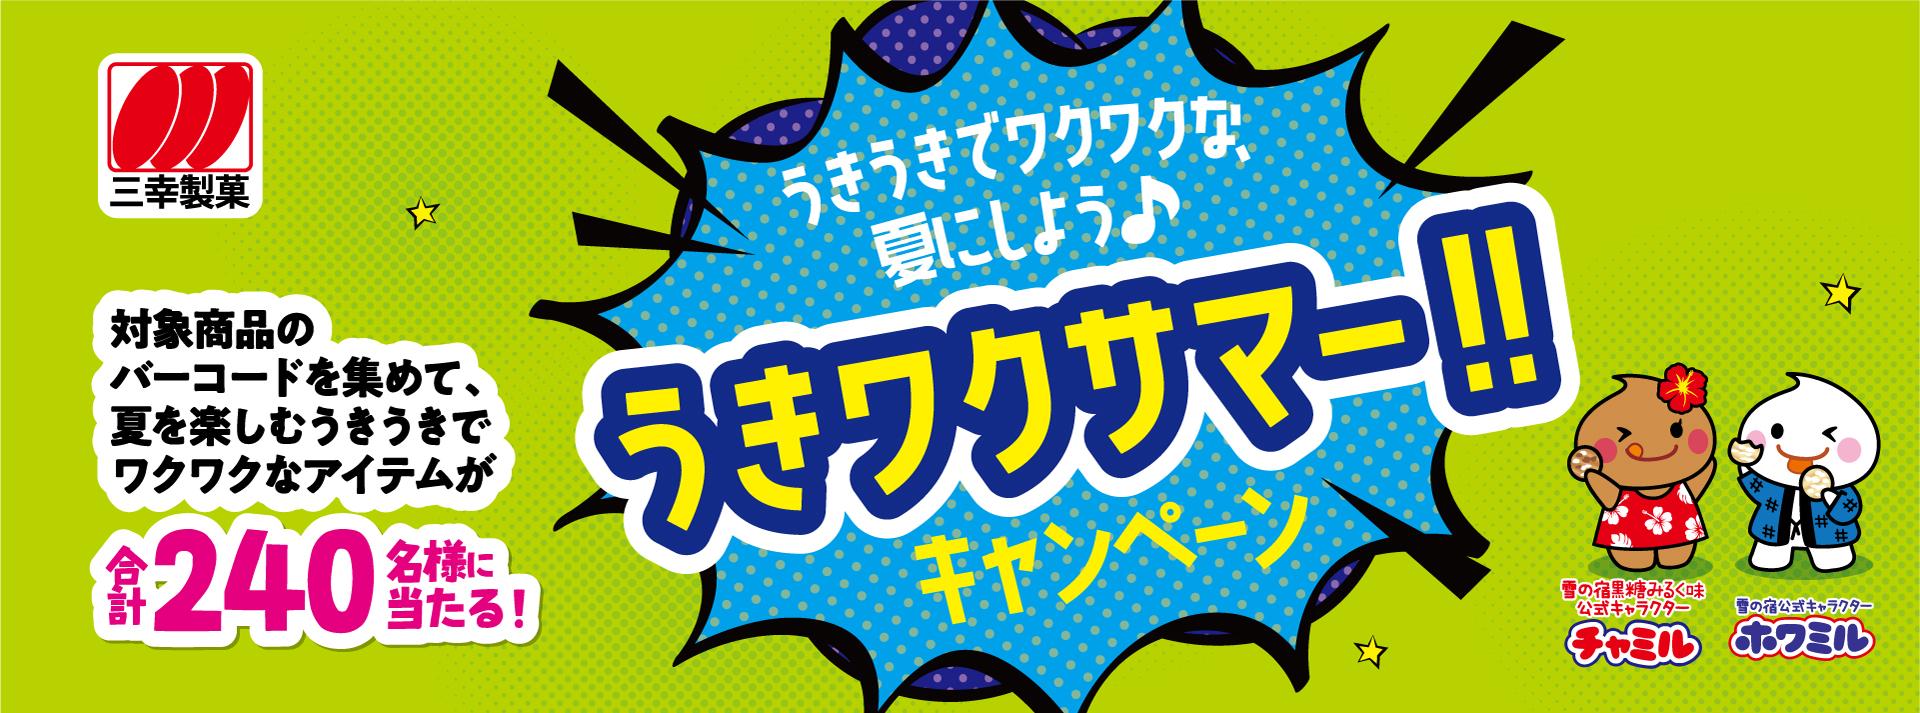 三幸製菓 うきワクサマー!!キャンペーン